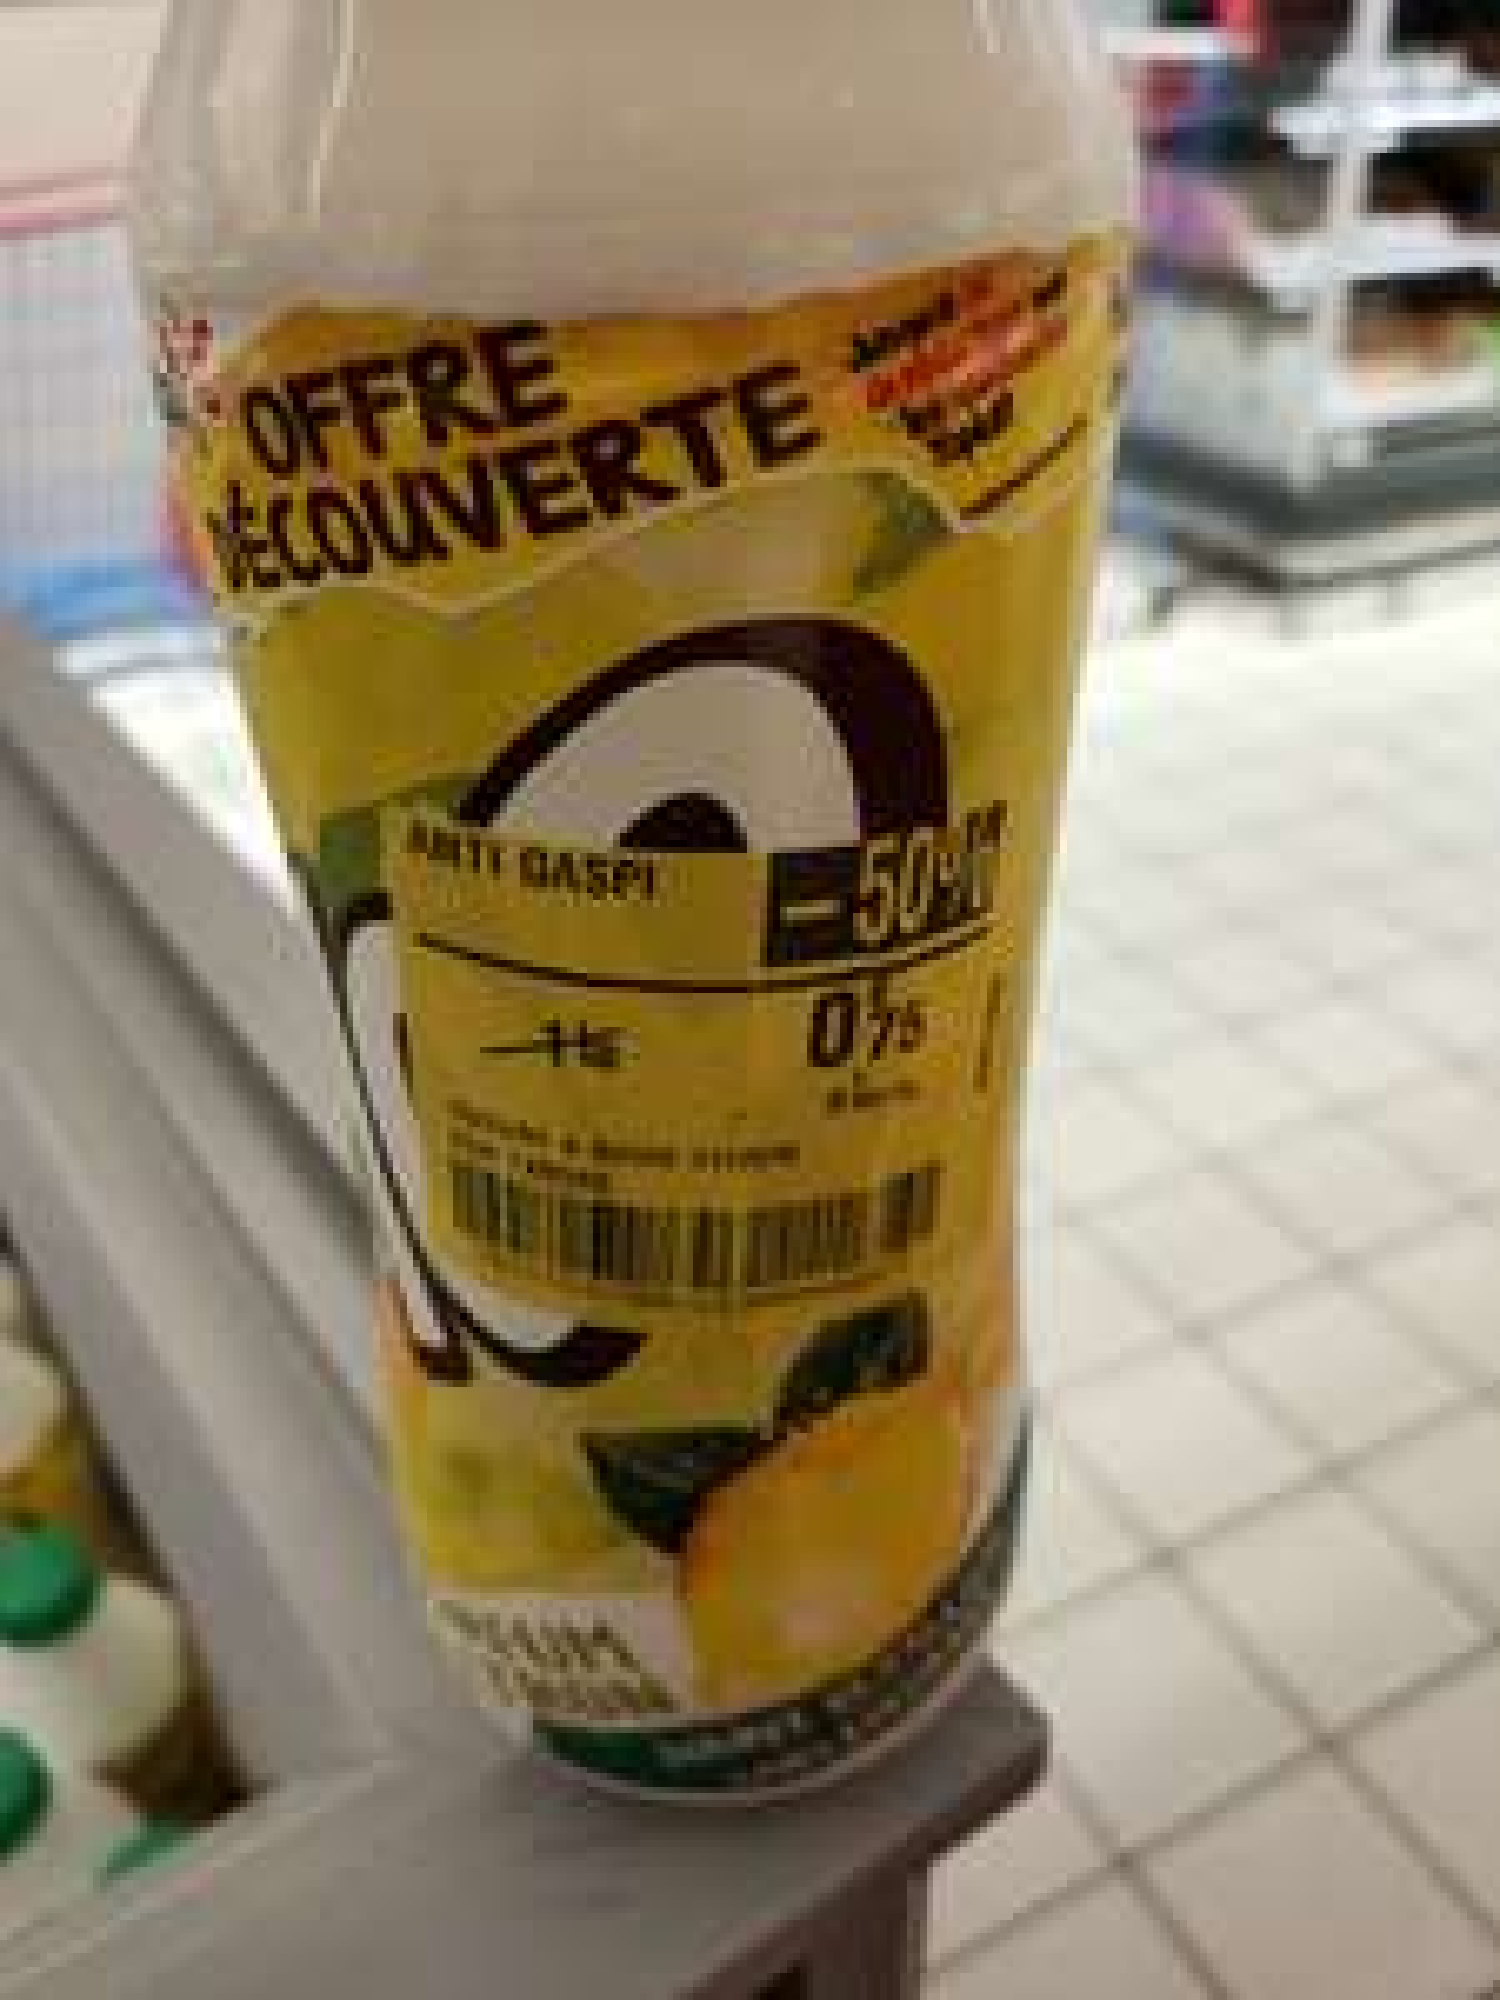 Bouteille de Yop Citron (DLUO courte) - Carrefour Montesson (78)